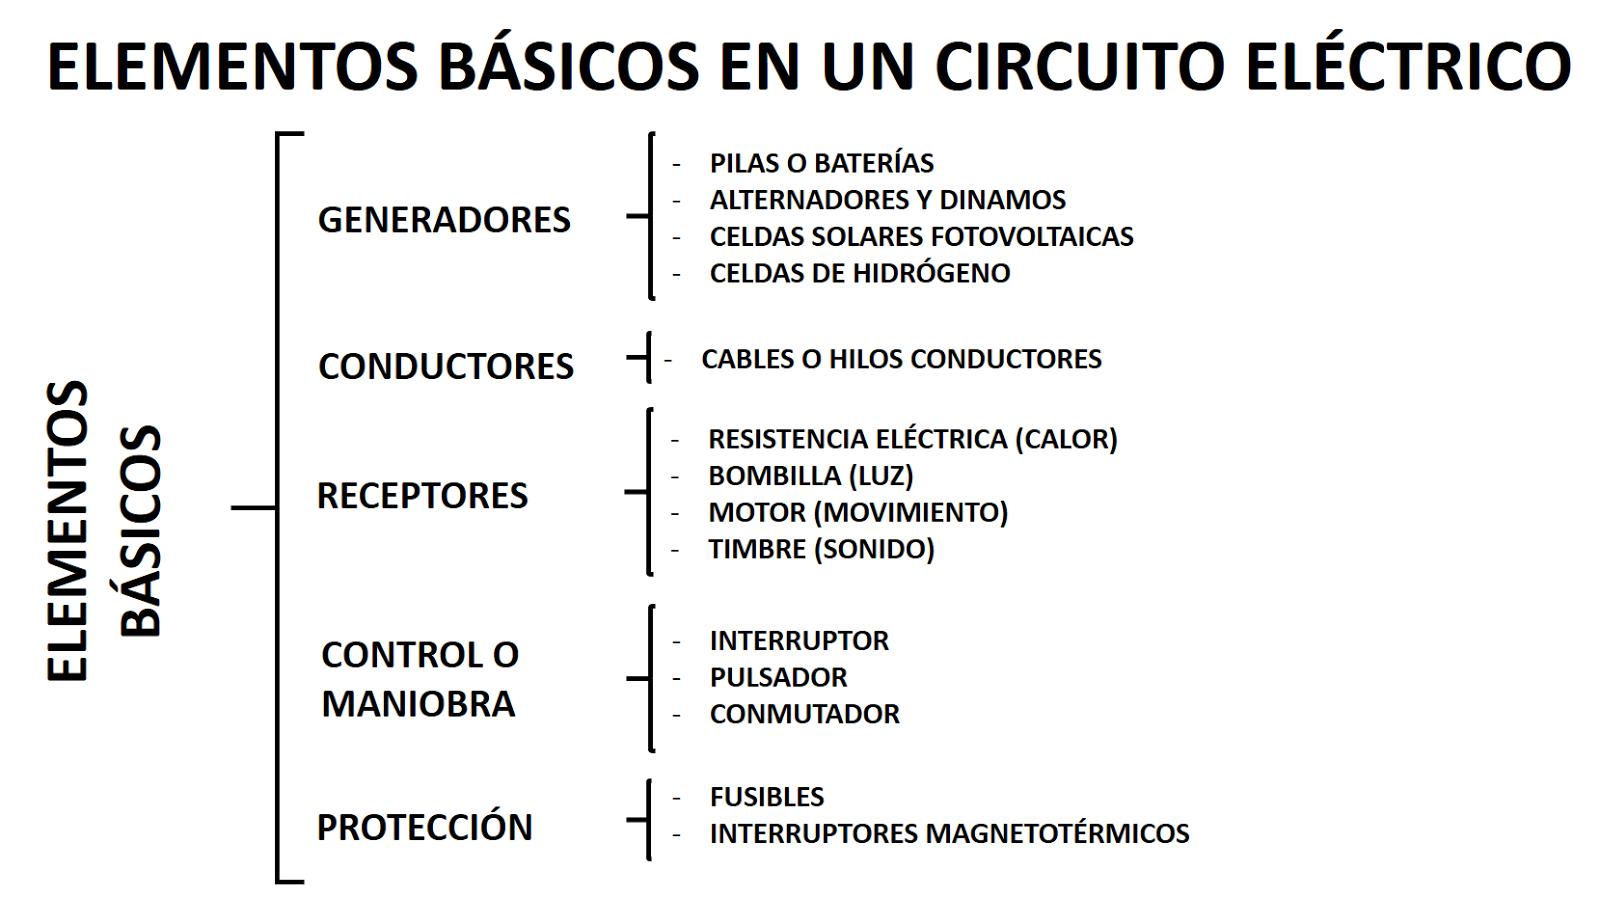 Circuito Electrico Basico : De tecnología esquema electricidad elementos